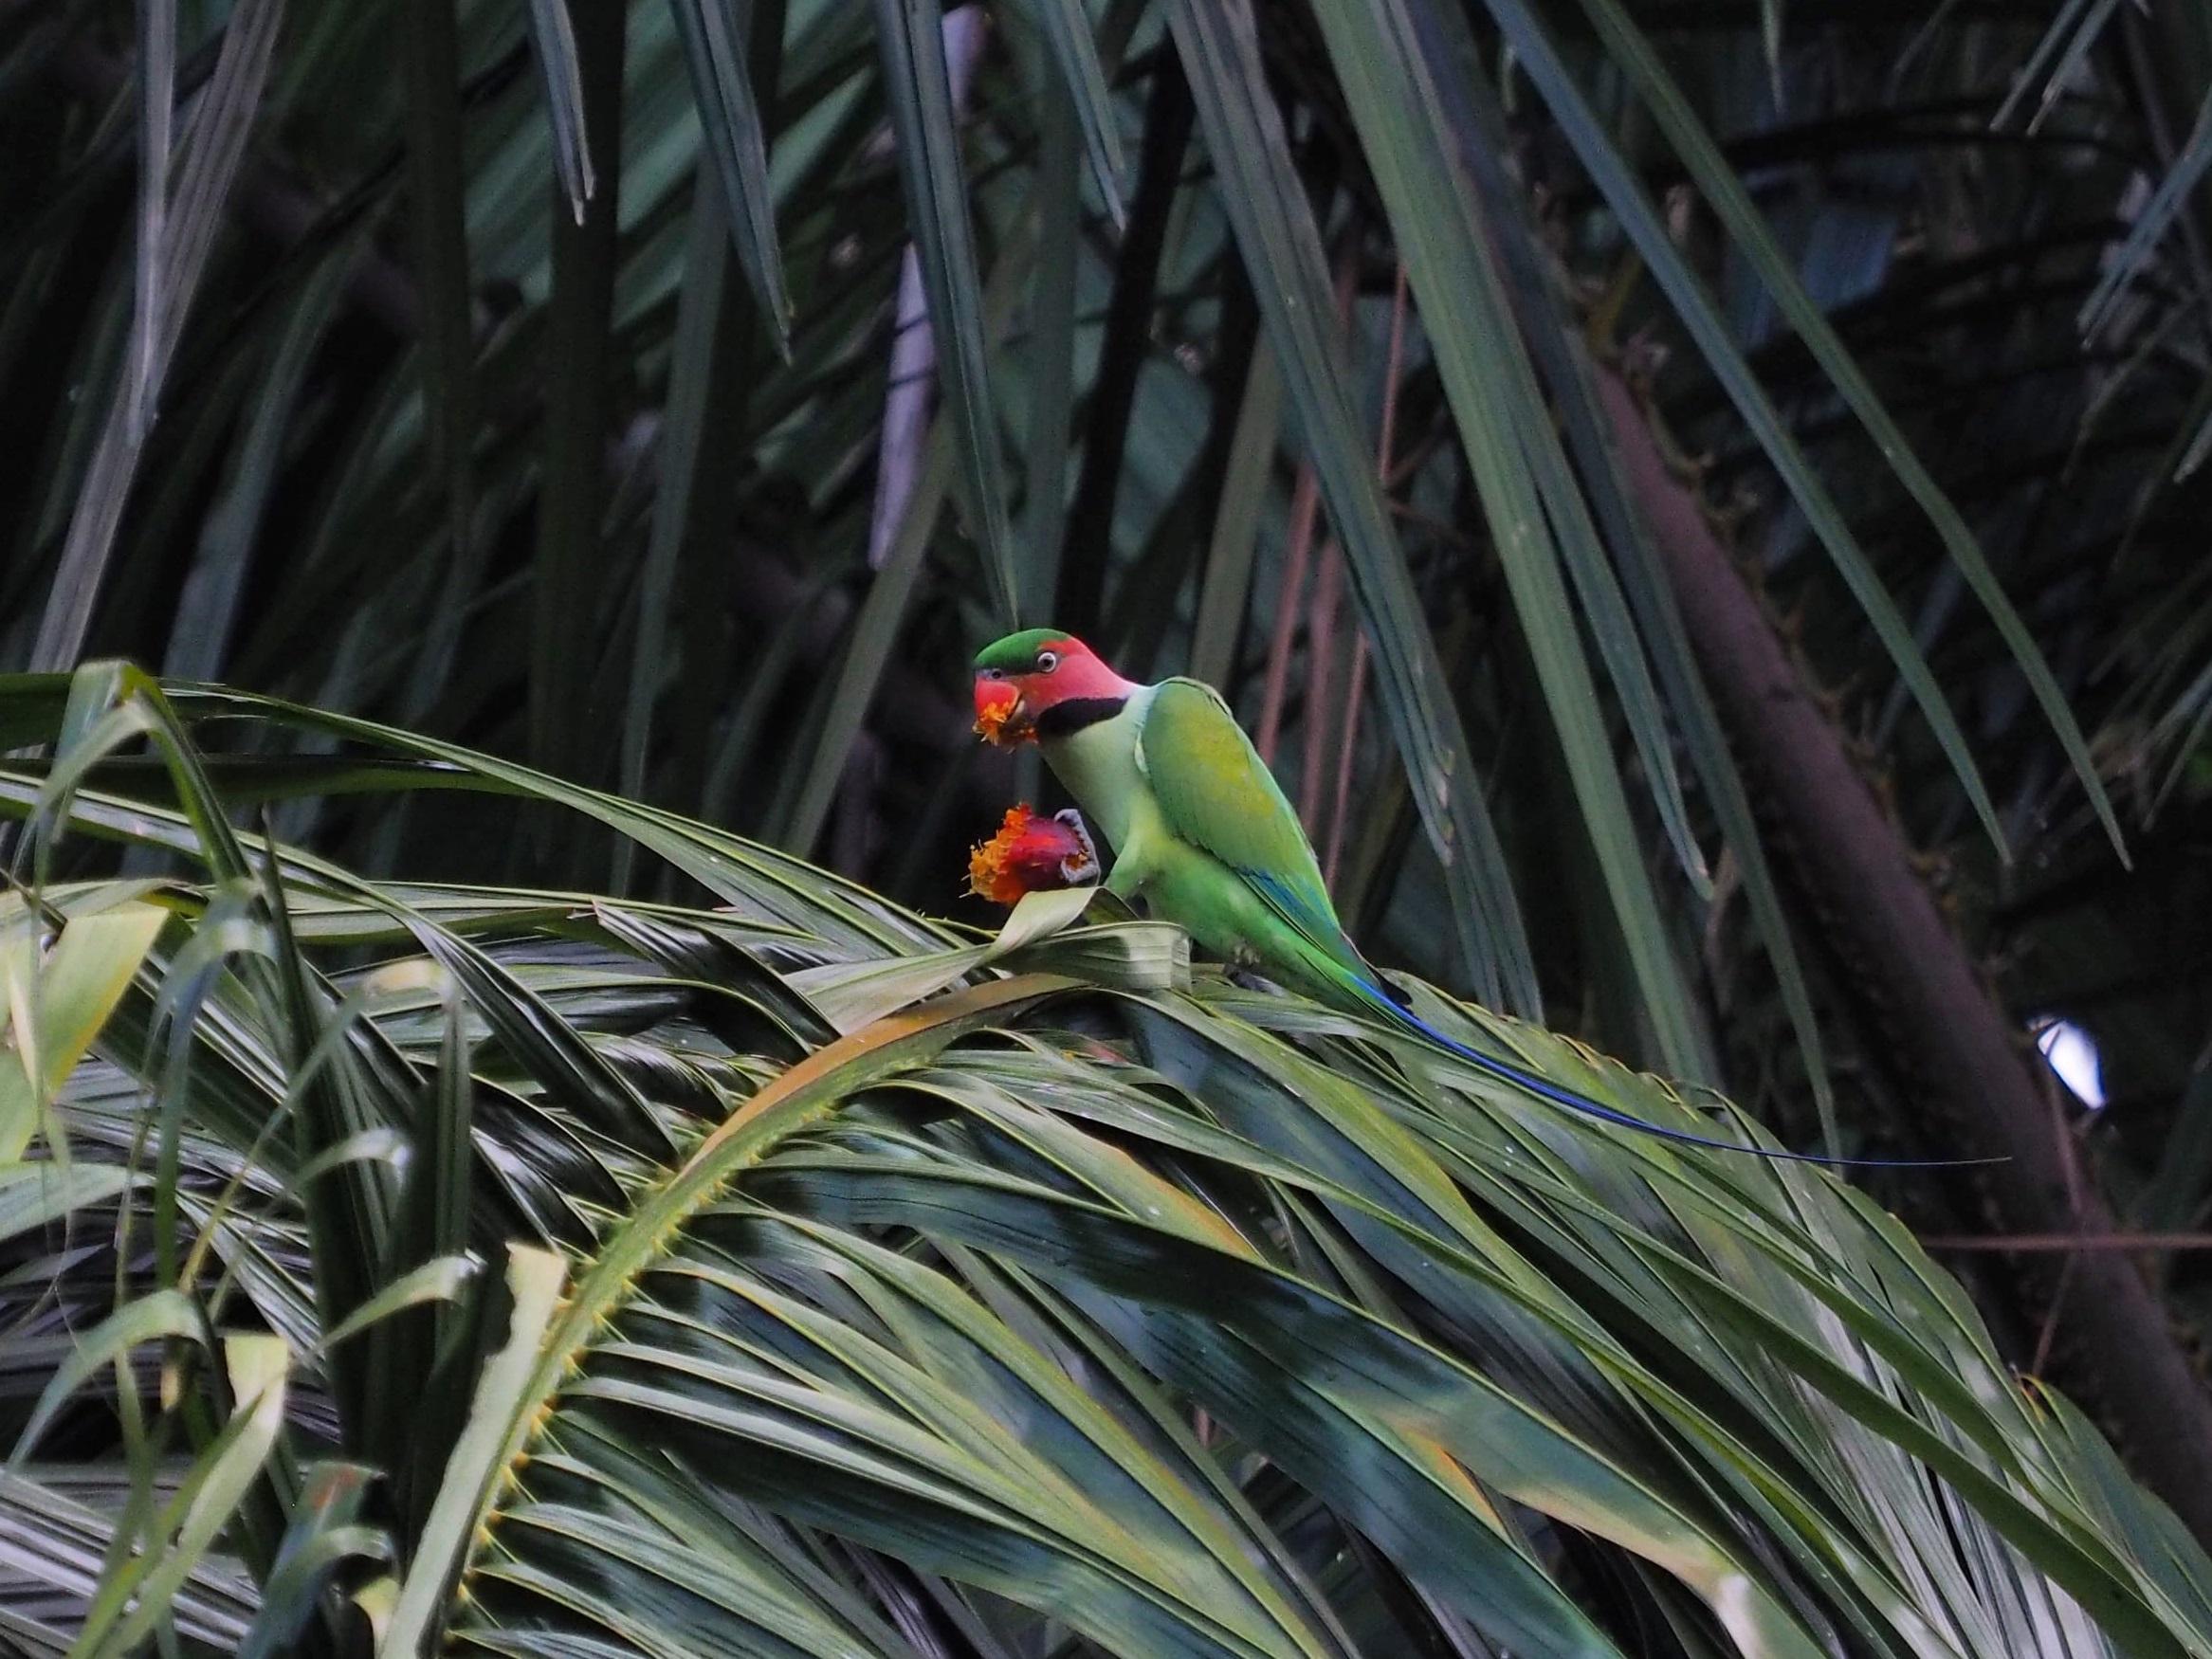 Parakeet enjoying its meal